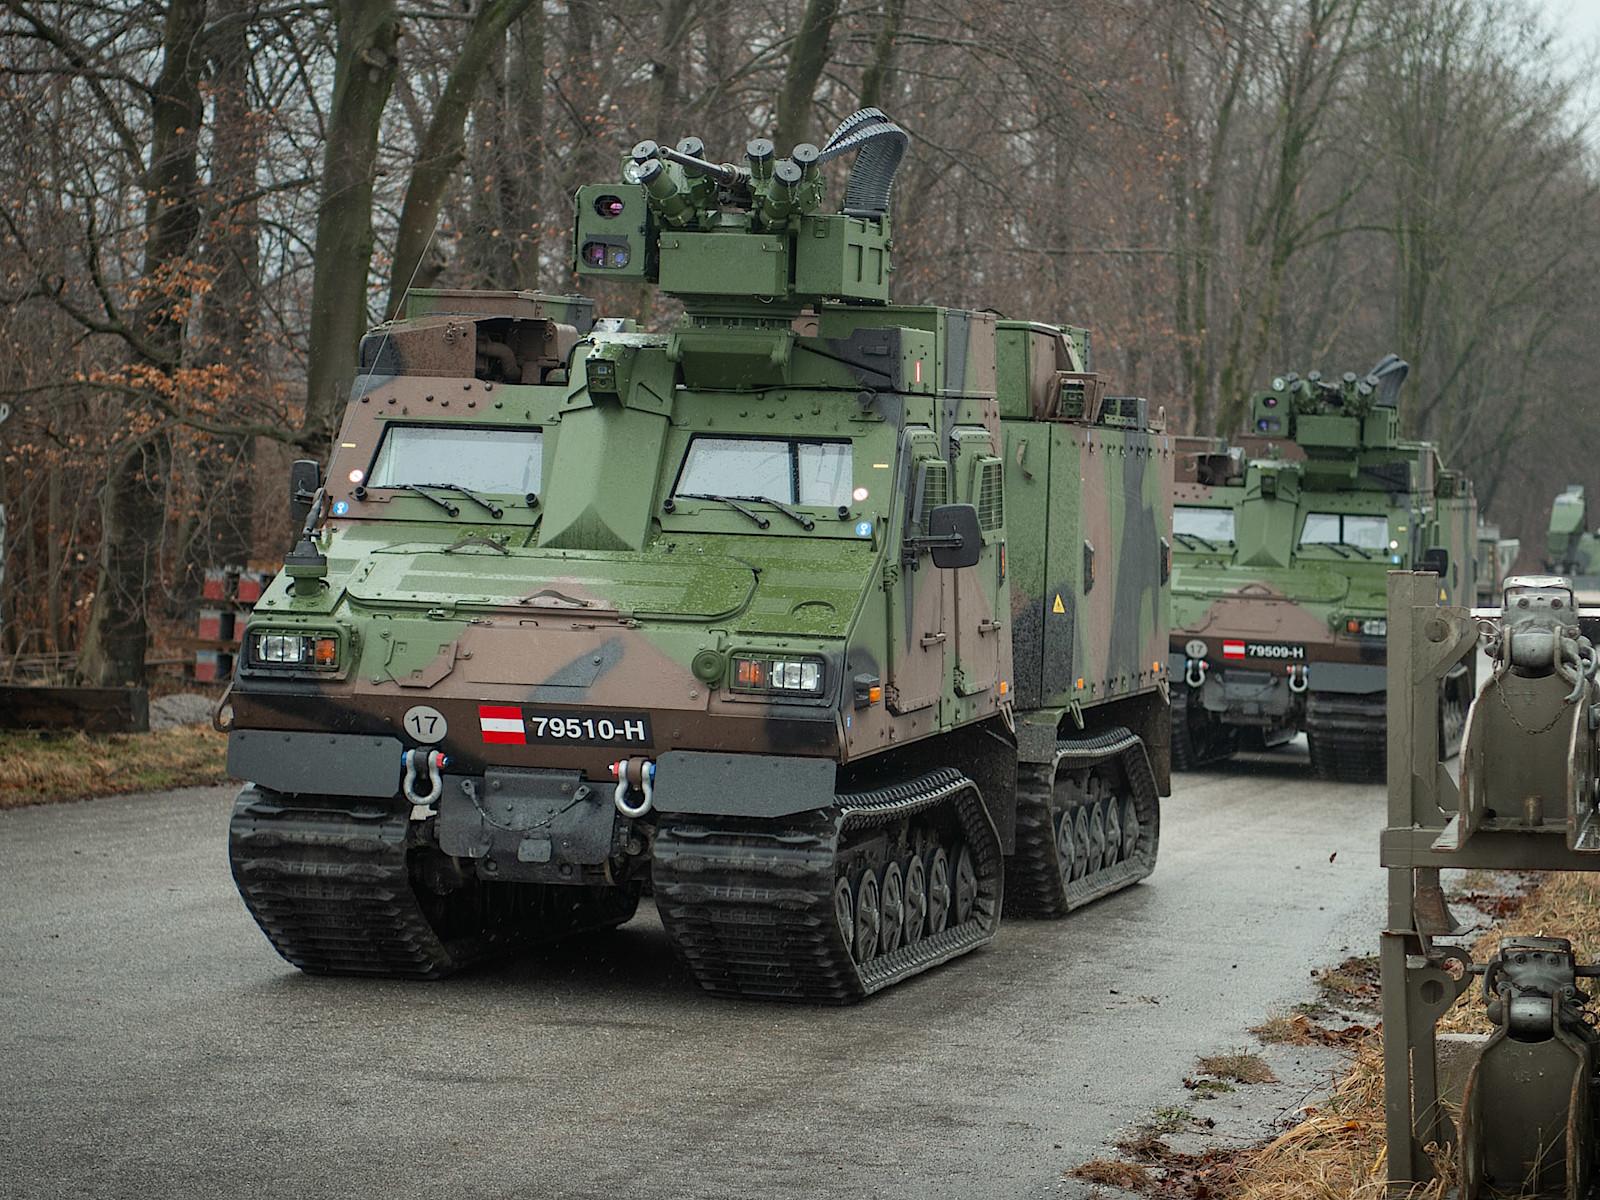 Auch die Hägglunds sind mit der WS4 Panther Waffenstation ausgestattet © Bundesheer